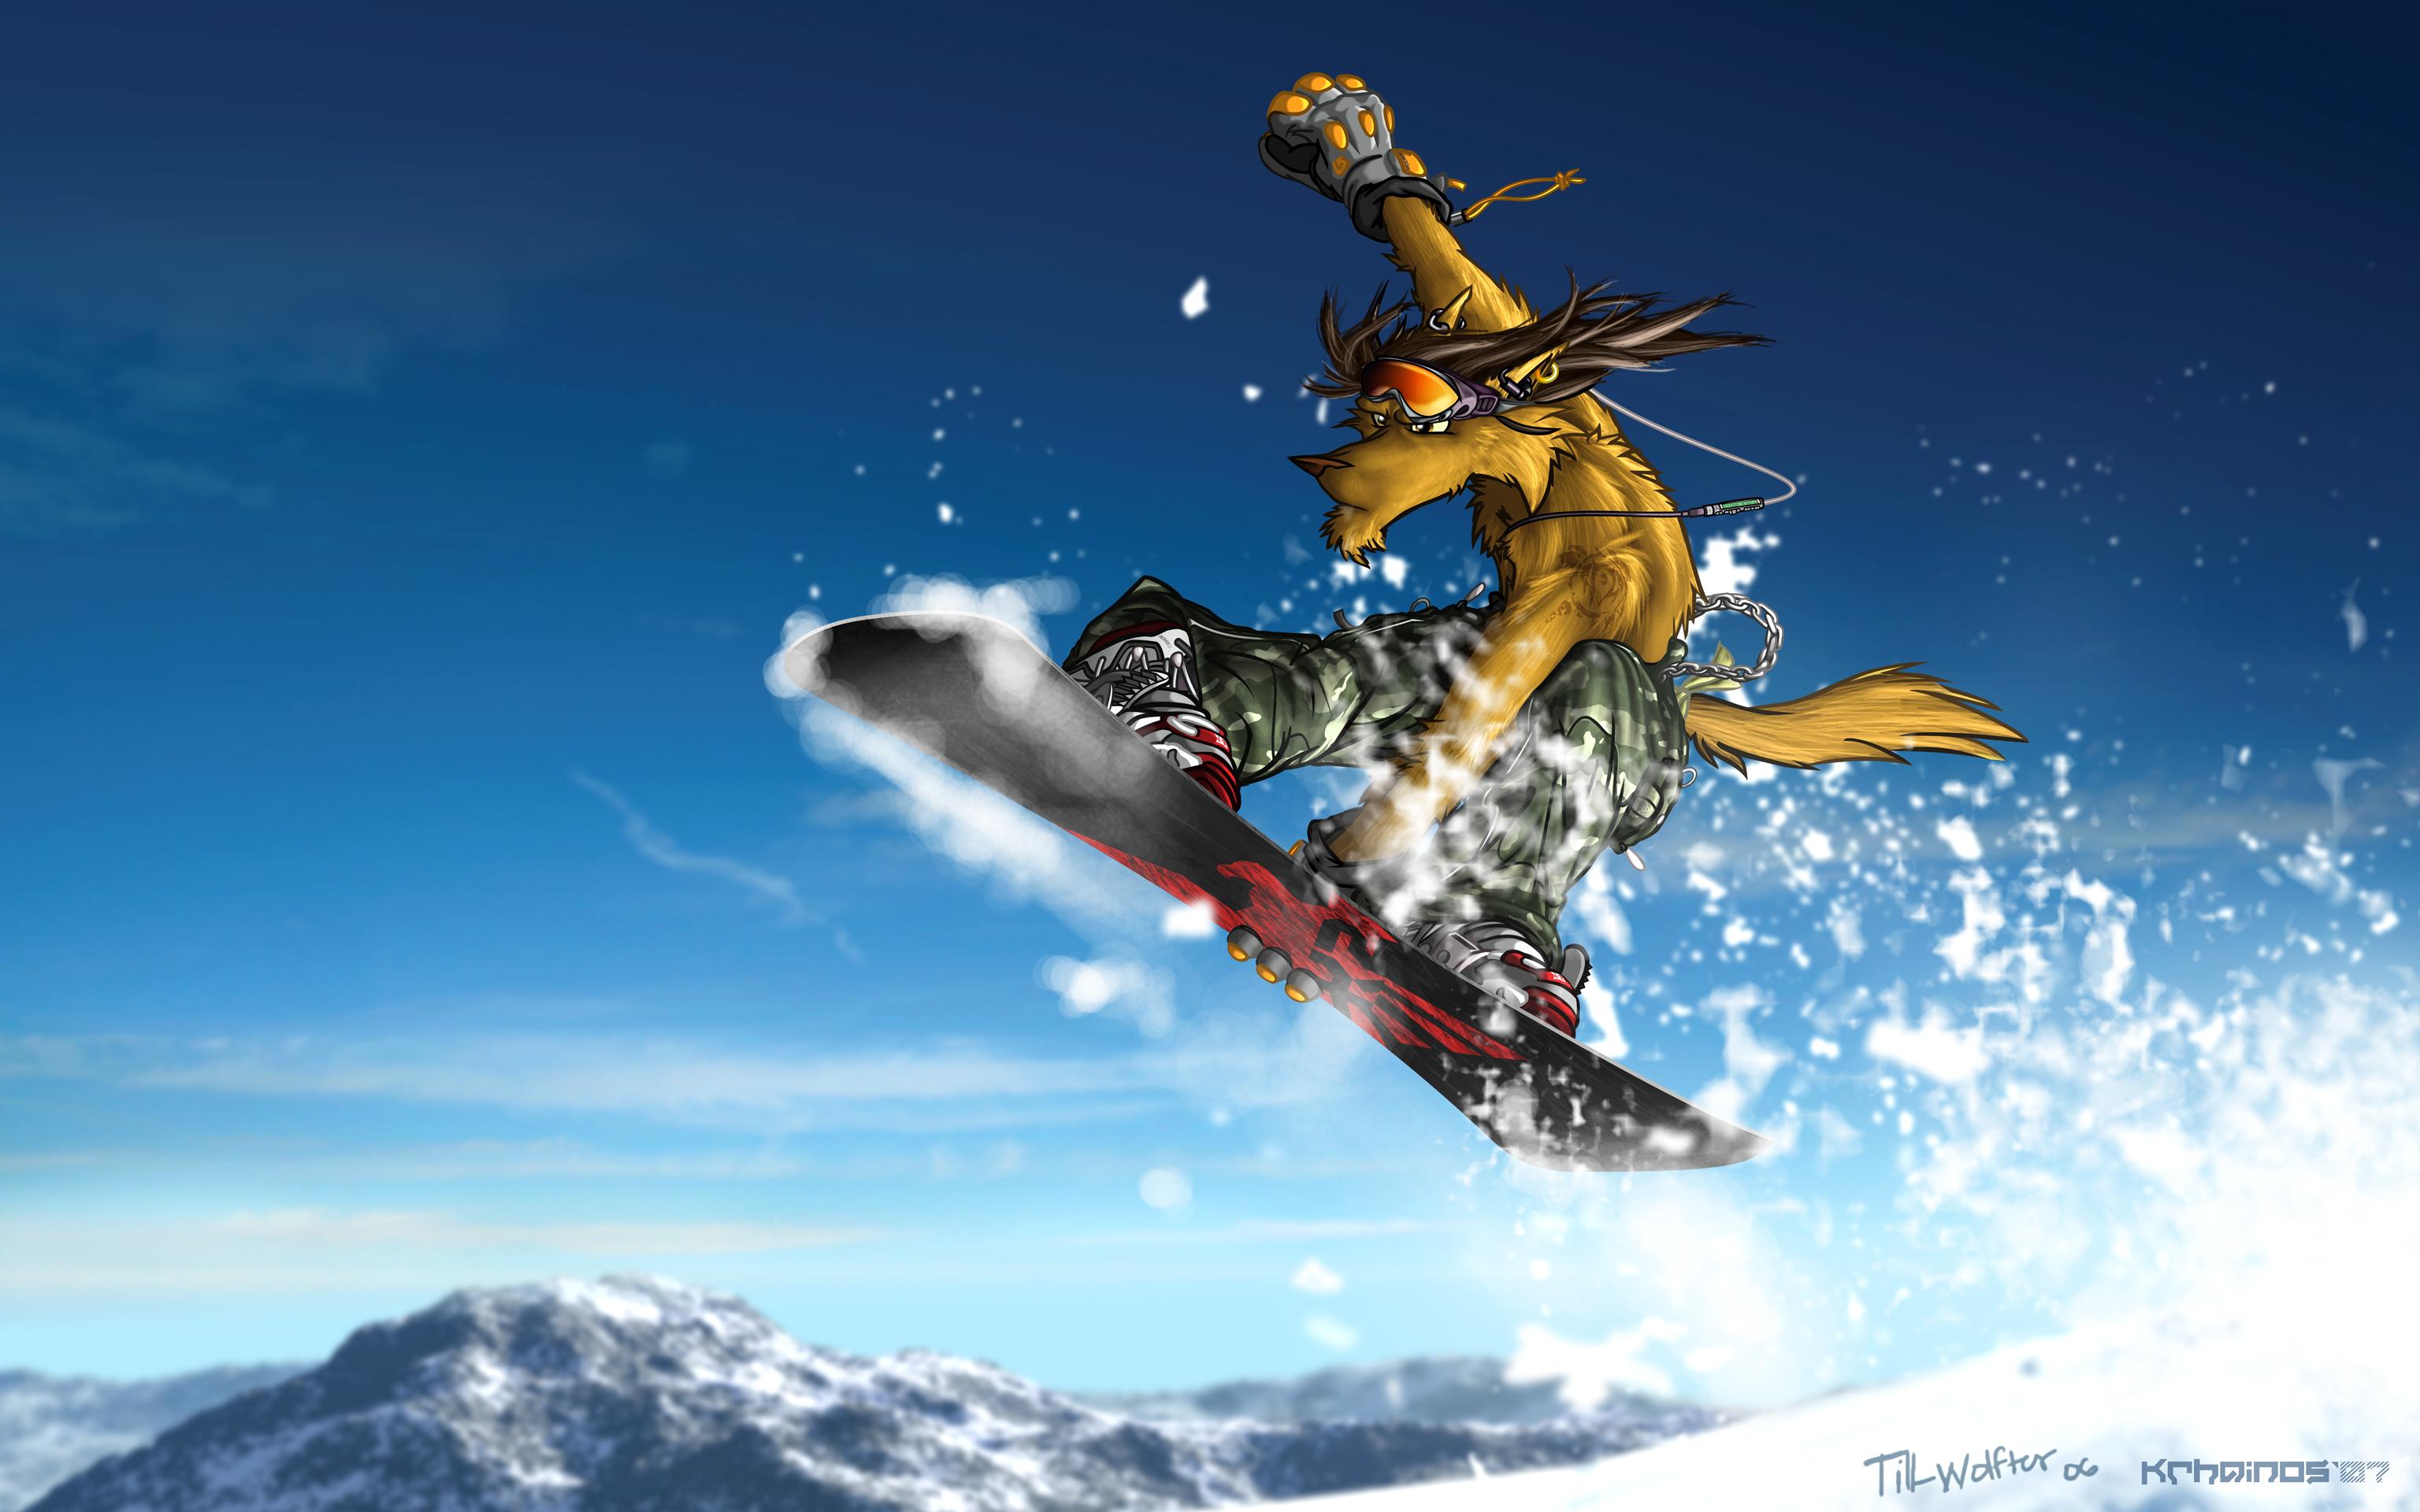 Summer Snowboarding 06 Mk 2 by krhainos